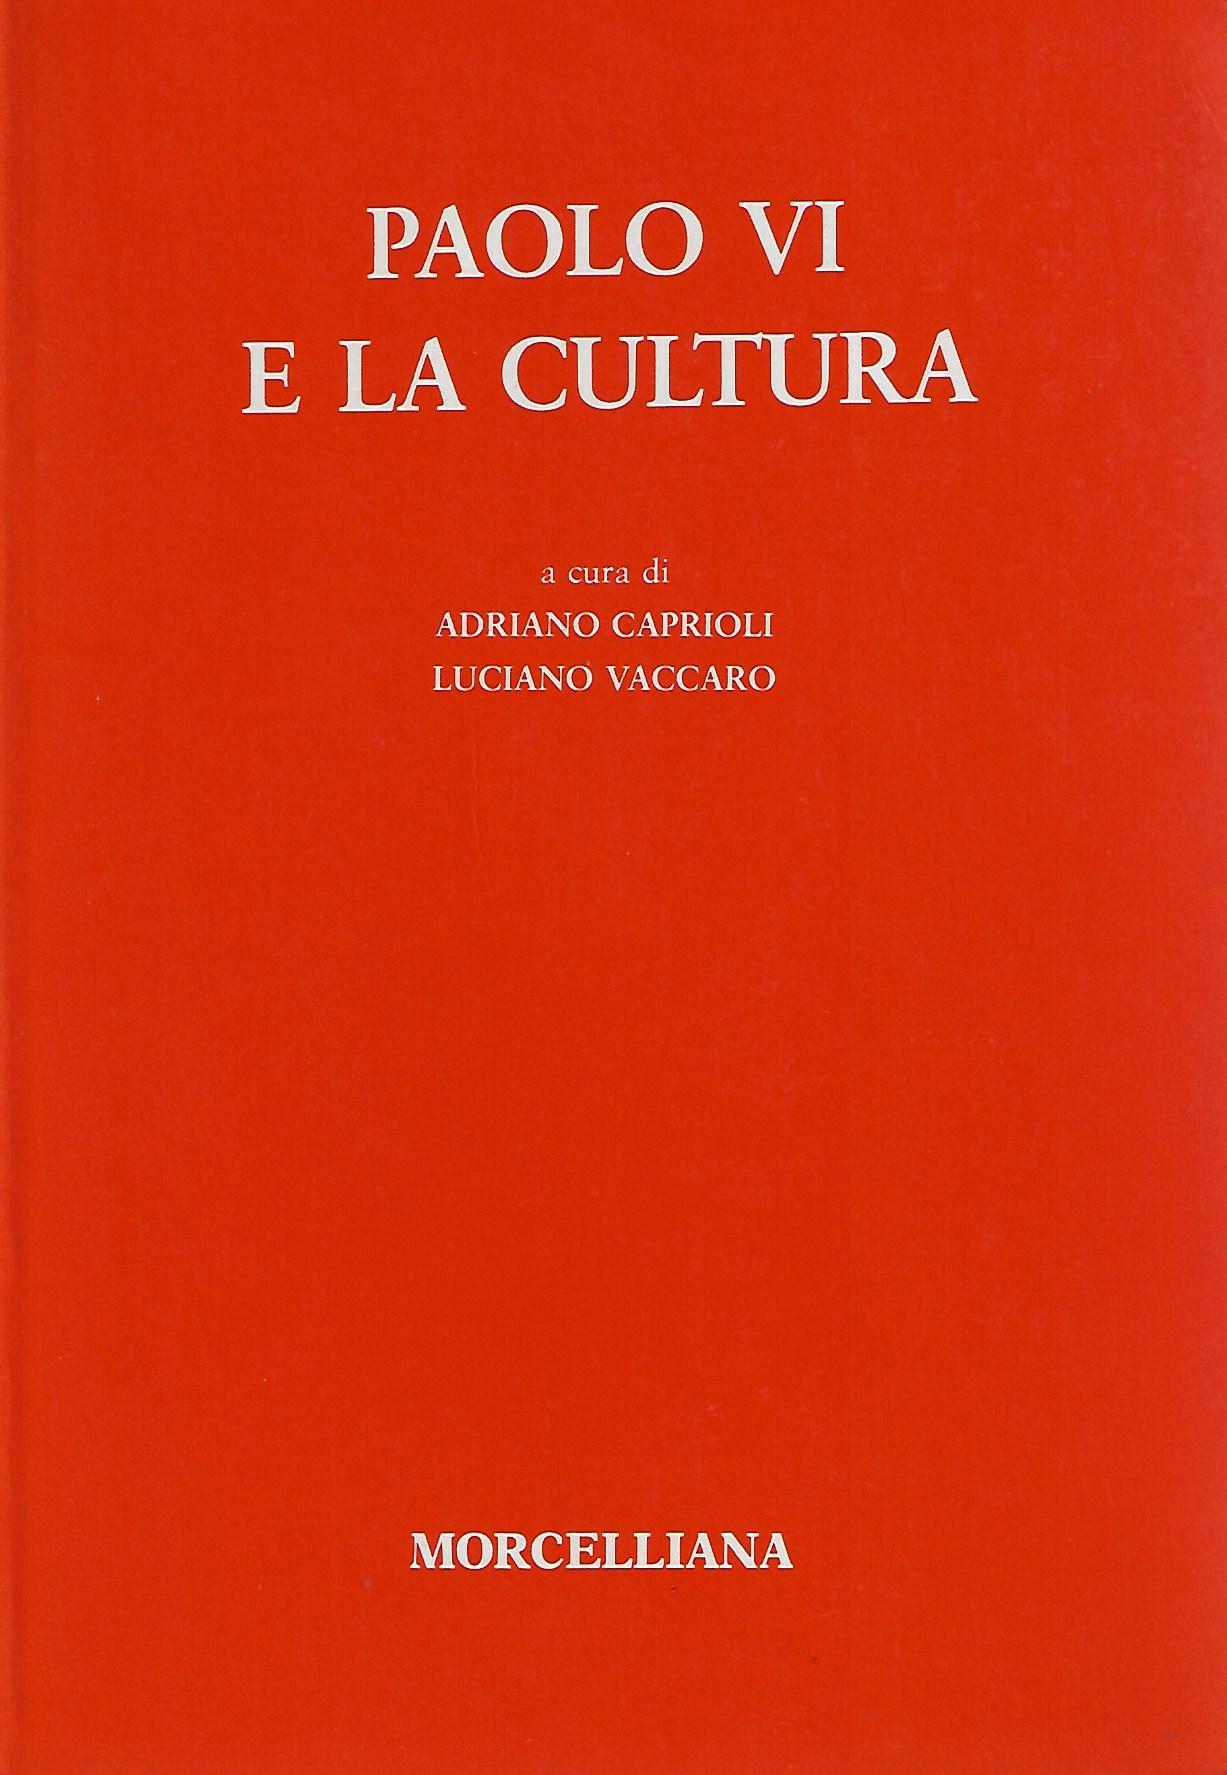 Paolo VI e la cultura a cura di A. Caprioli, L. Vaccaro, Brescia 1983 (QdG, 4), pp. 218, £ 10.000 saggi di V. Branca, Giovanni Colombo, Giuseppe Colombo, E. Giammancheri, J. Guitton, D.S. Lourdusamy, C.M. Martini, P. Poupard, E. di Rovasenda ed altri